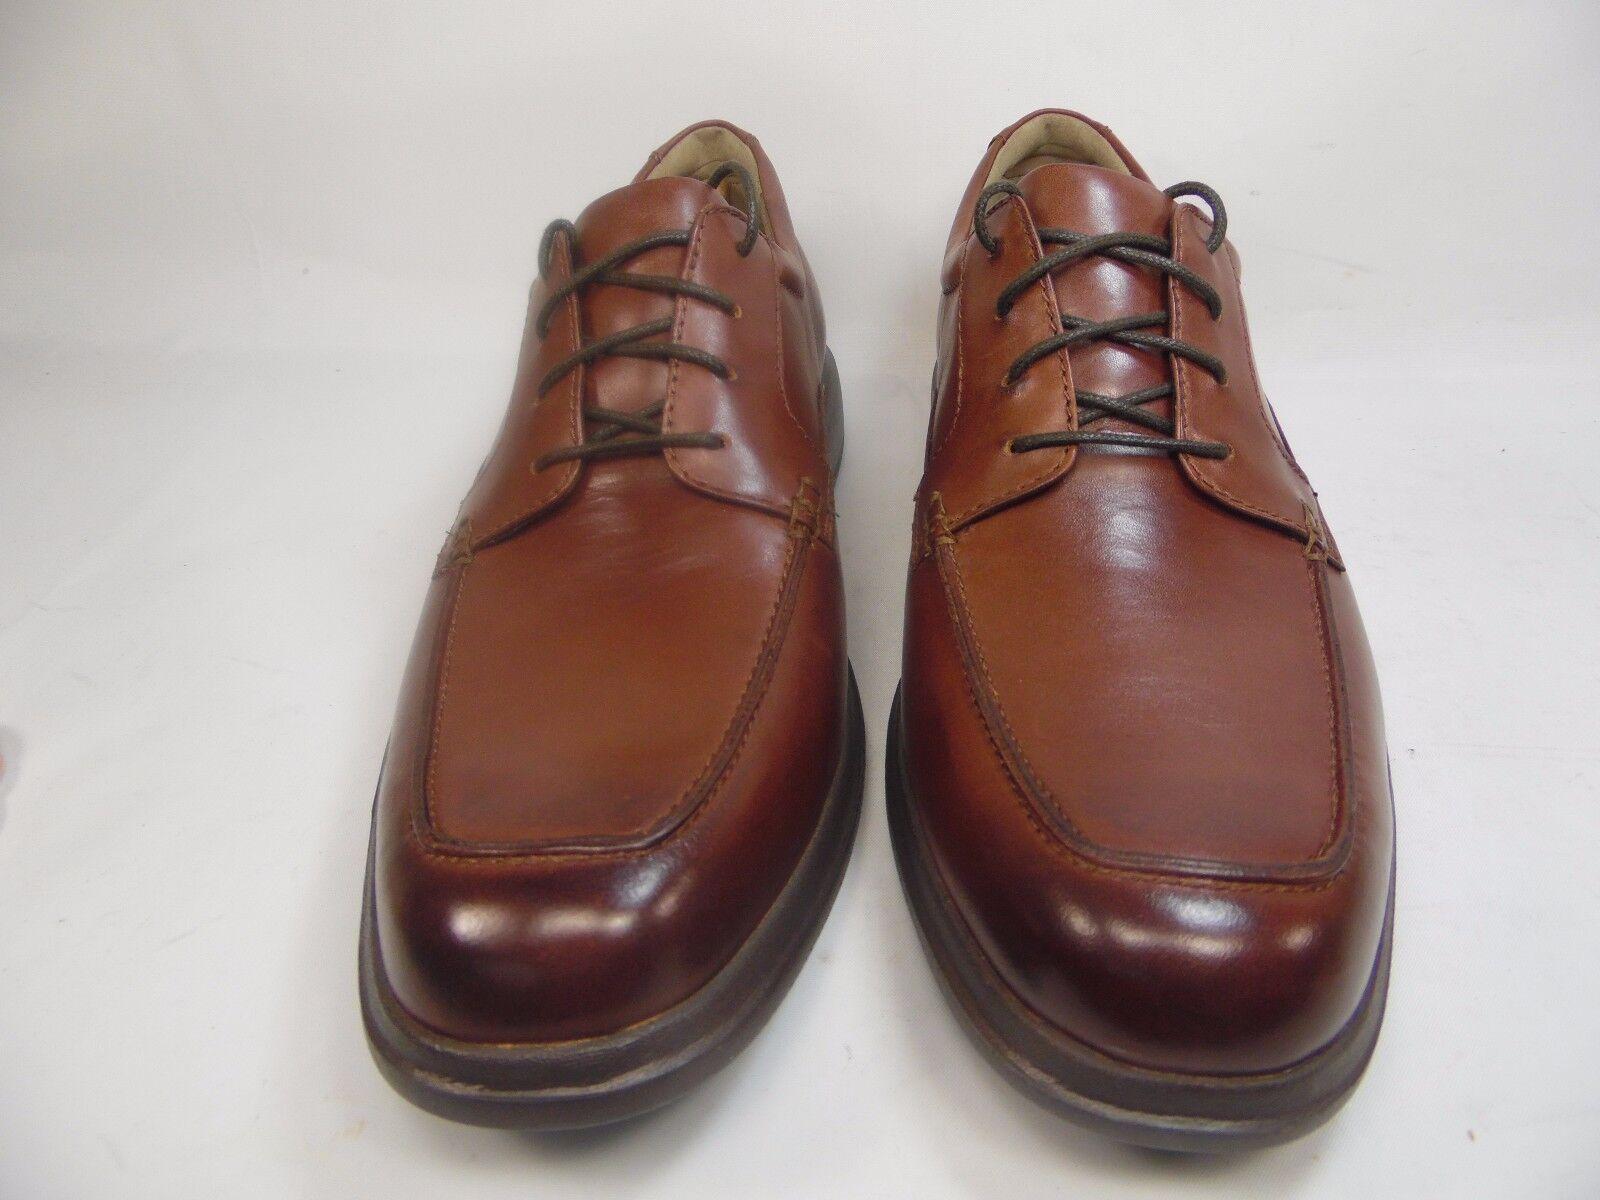 Bostonian Men's Tifton Edge Oxford Brown Leather Size 9M